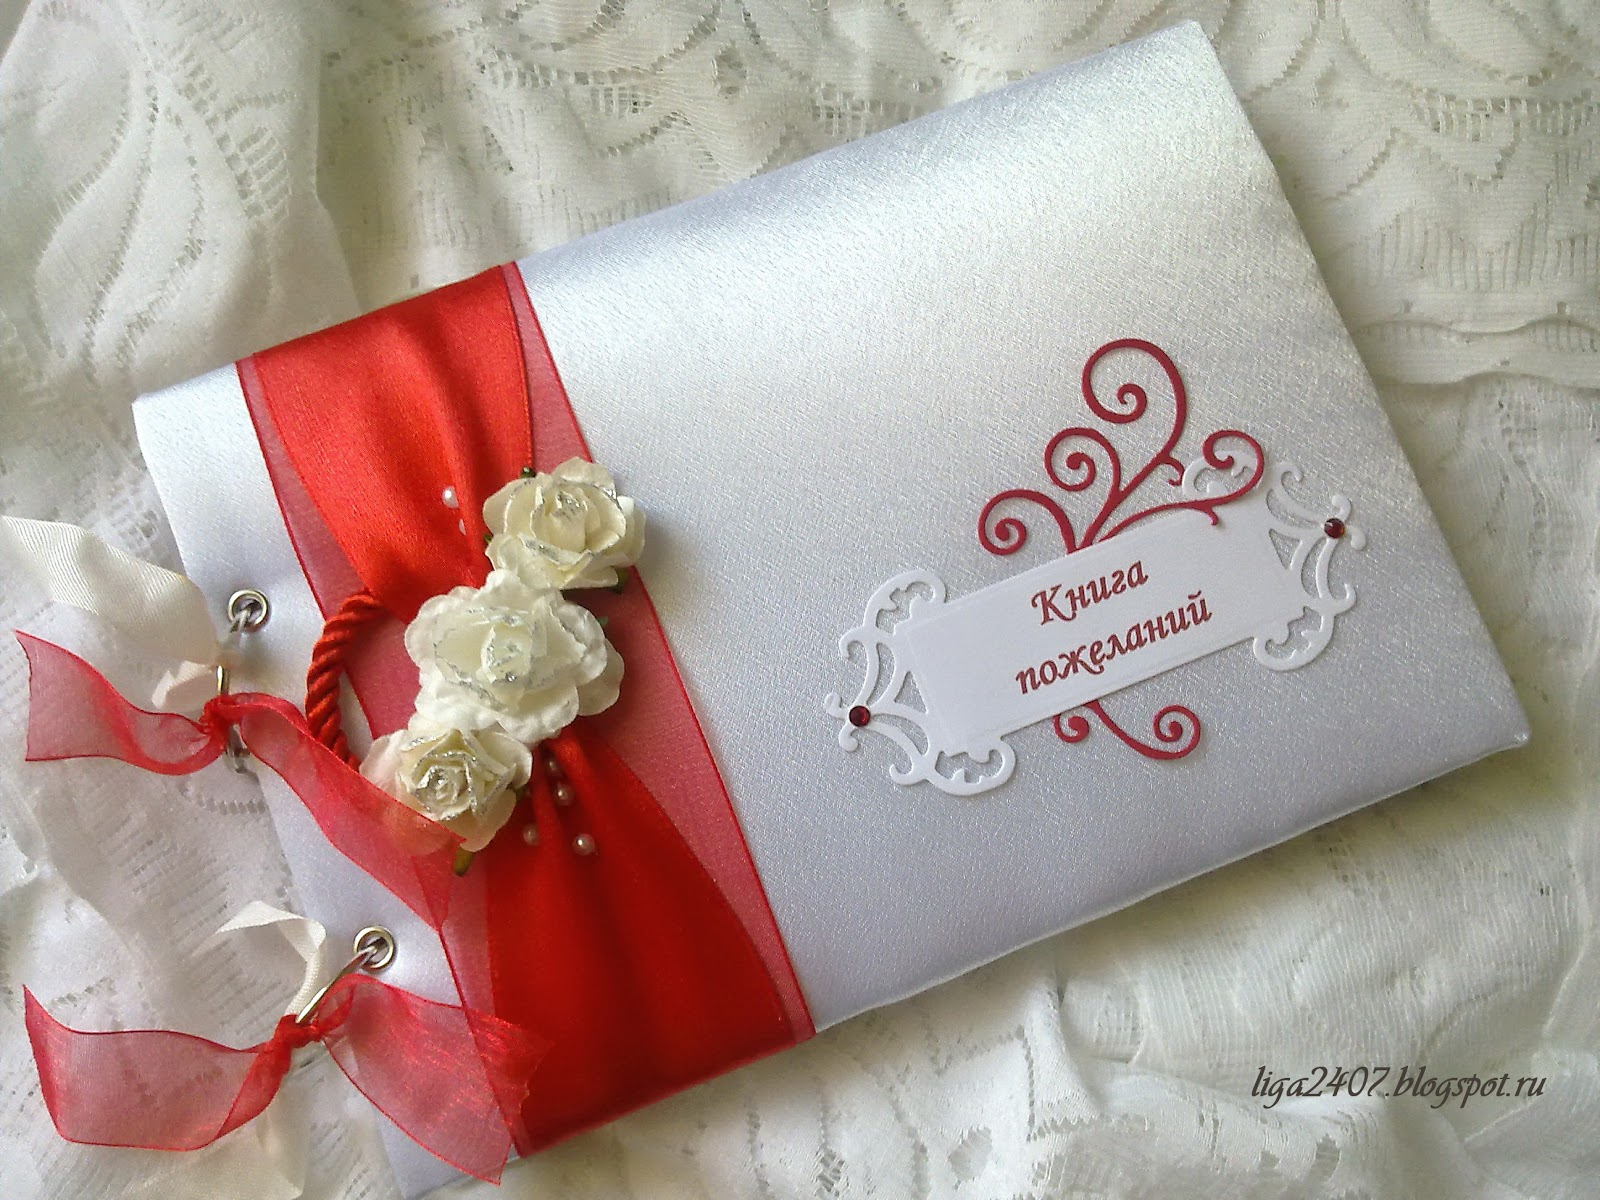 Обложка для книги пожеланий на свадьбу своими руками